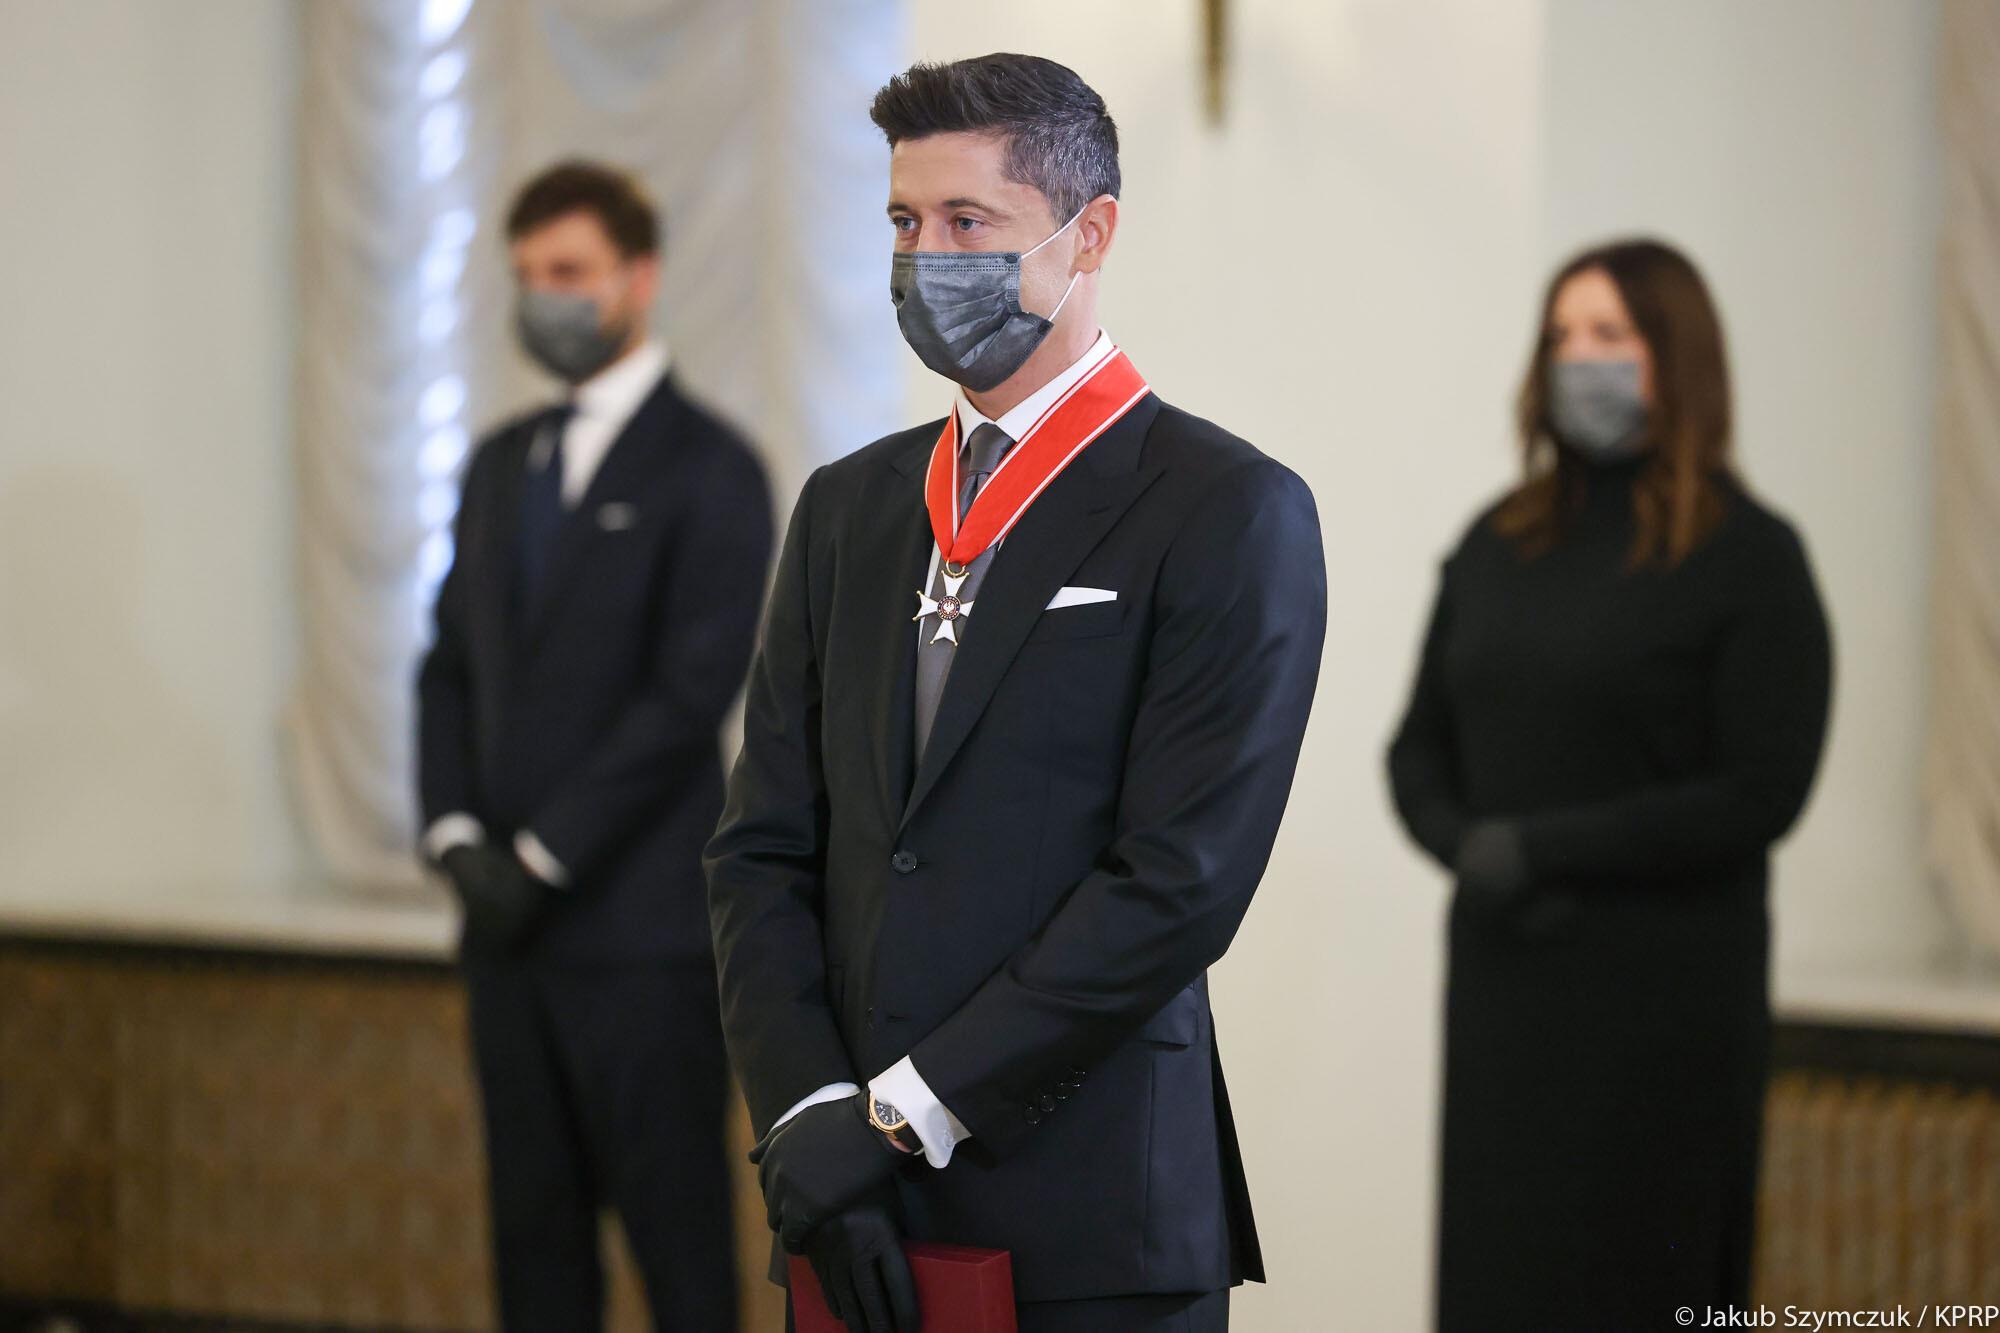 Польского футболиста объявили национальным героем и дали крест